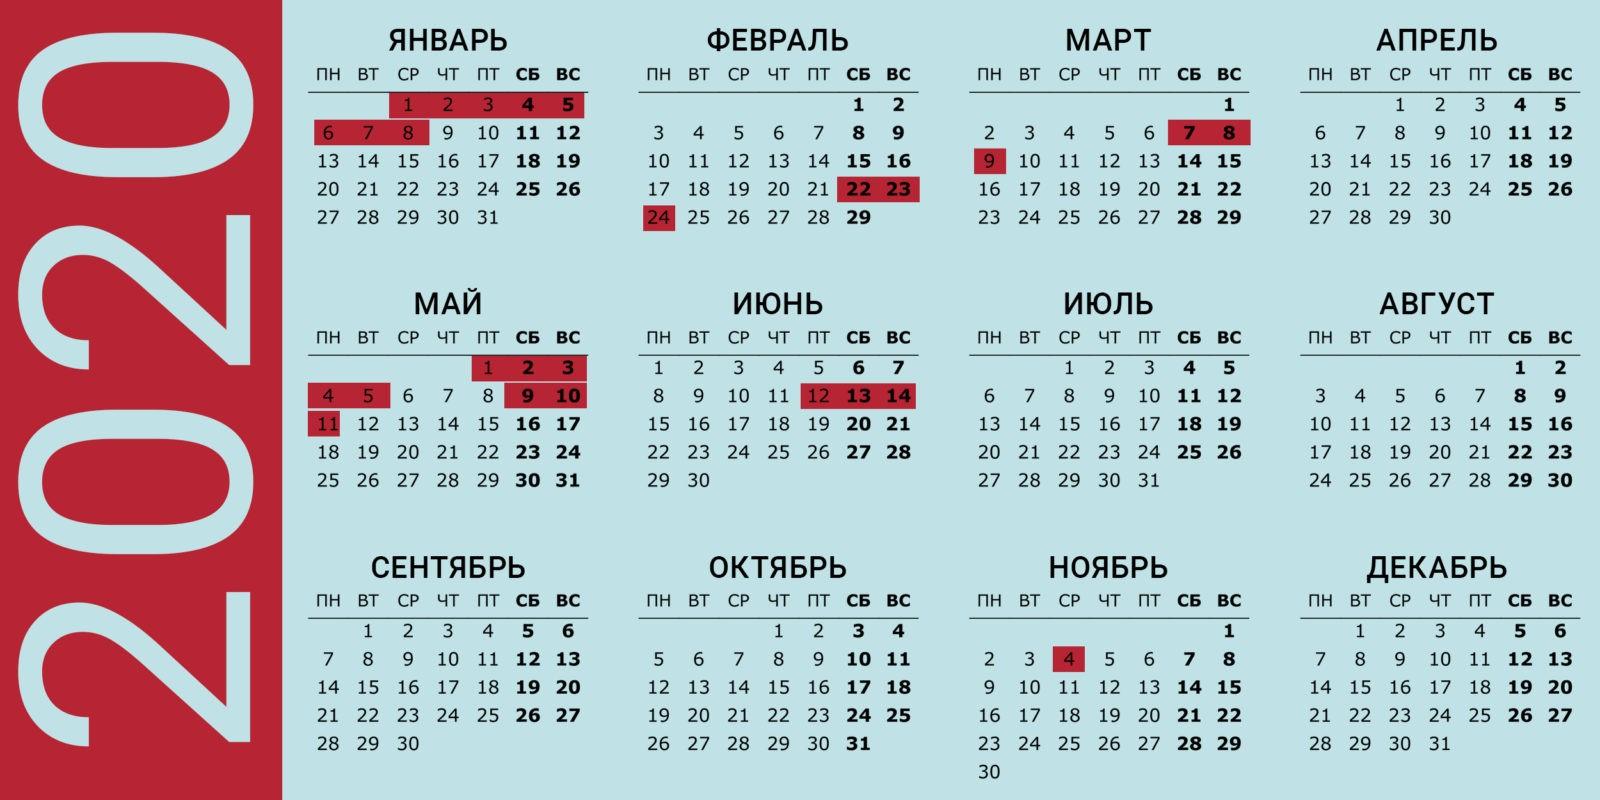 Календарь выходных дней России 2020 утвержденные правительством РФ: